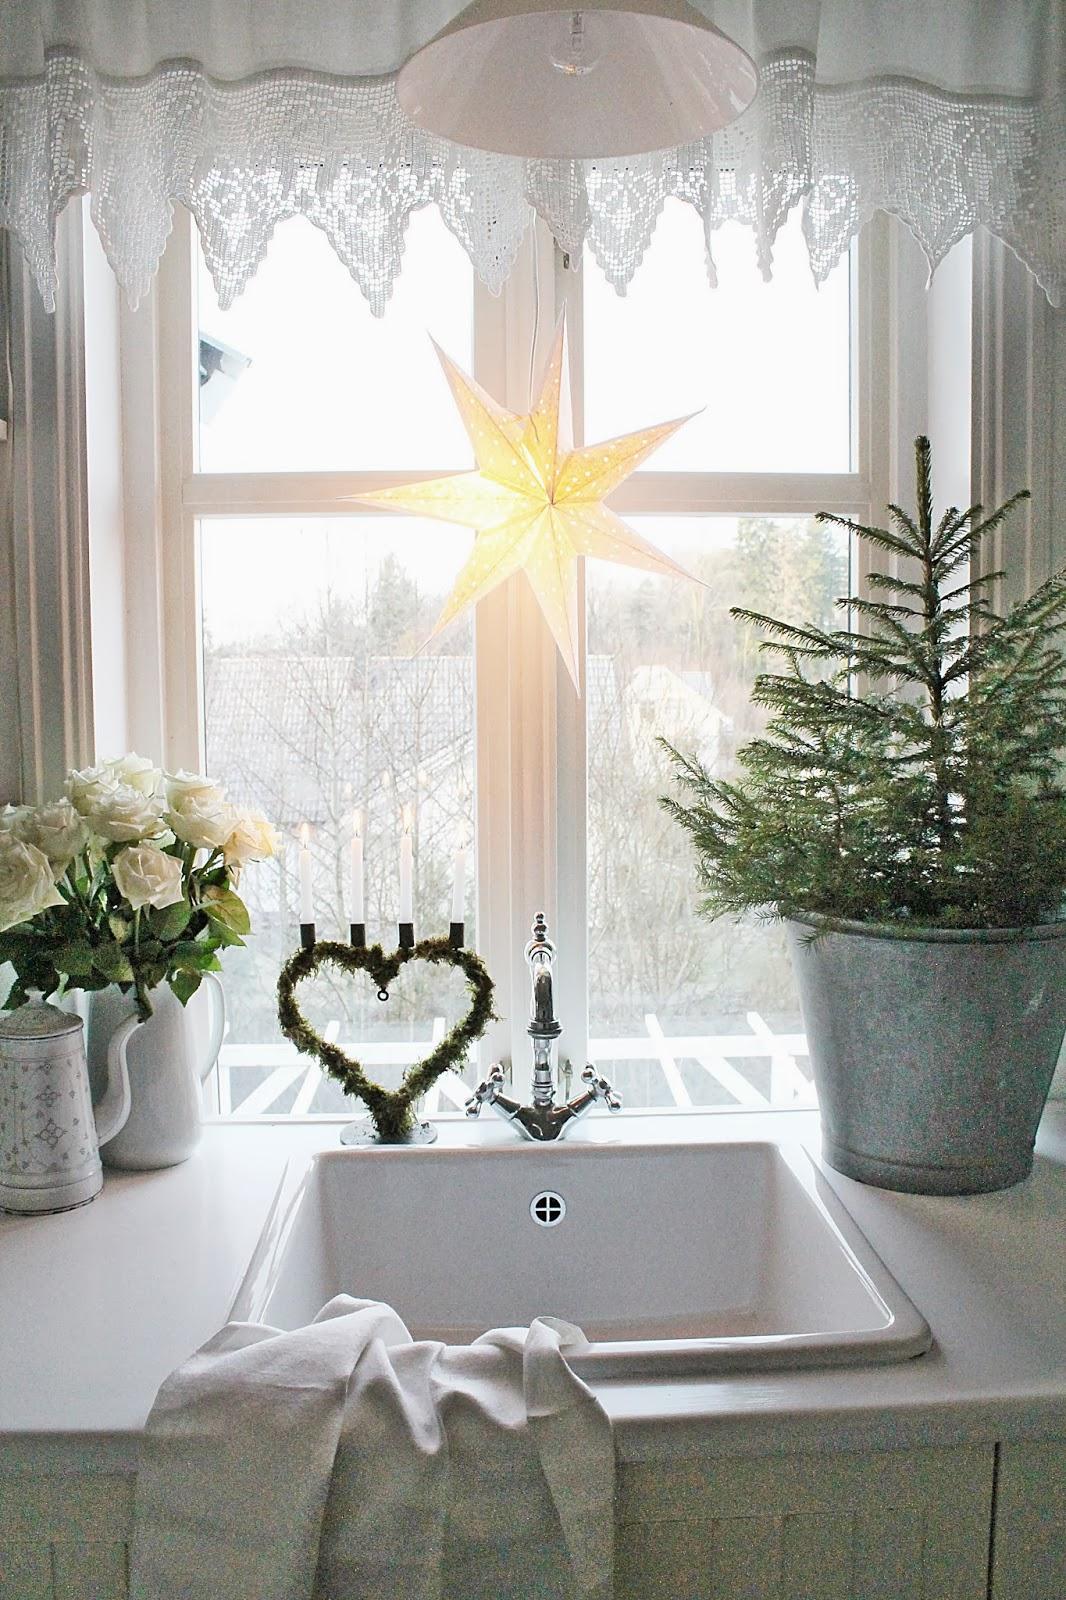 Vibeke design velkommen vakre desember - Design weihnachtsdeko ...